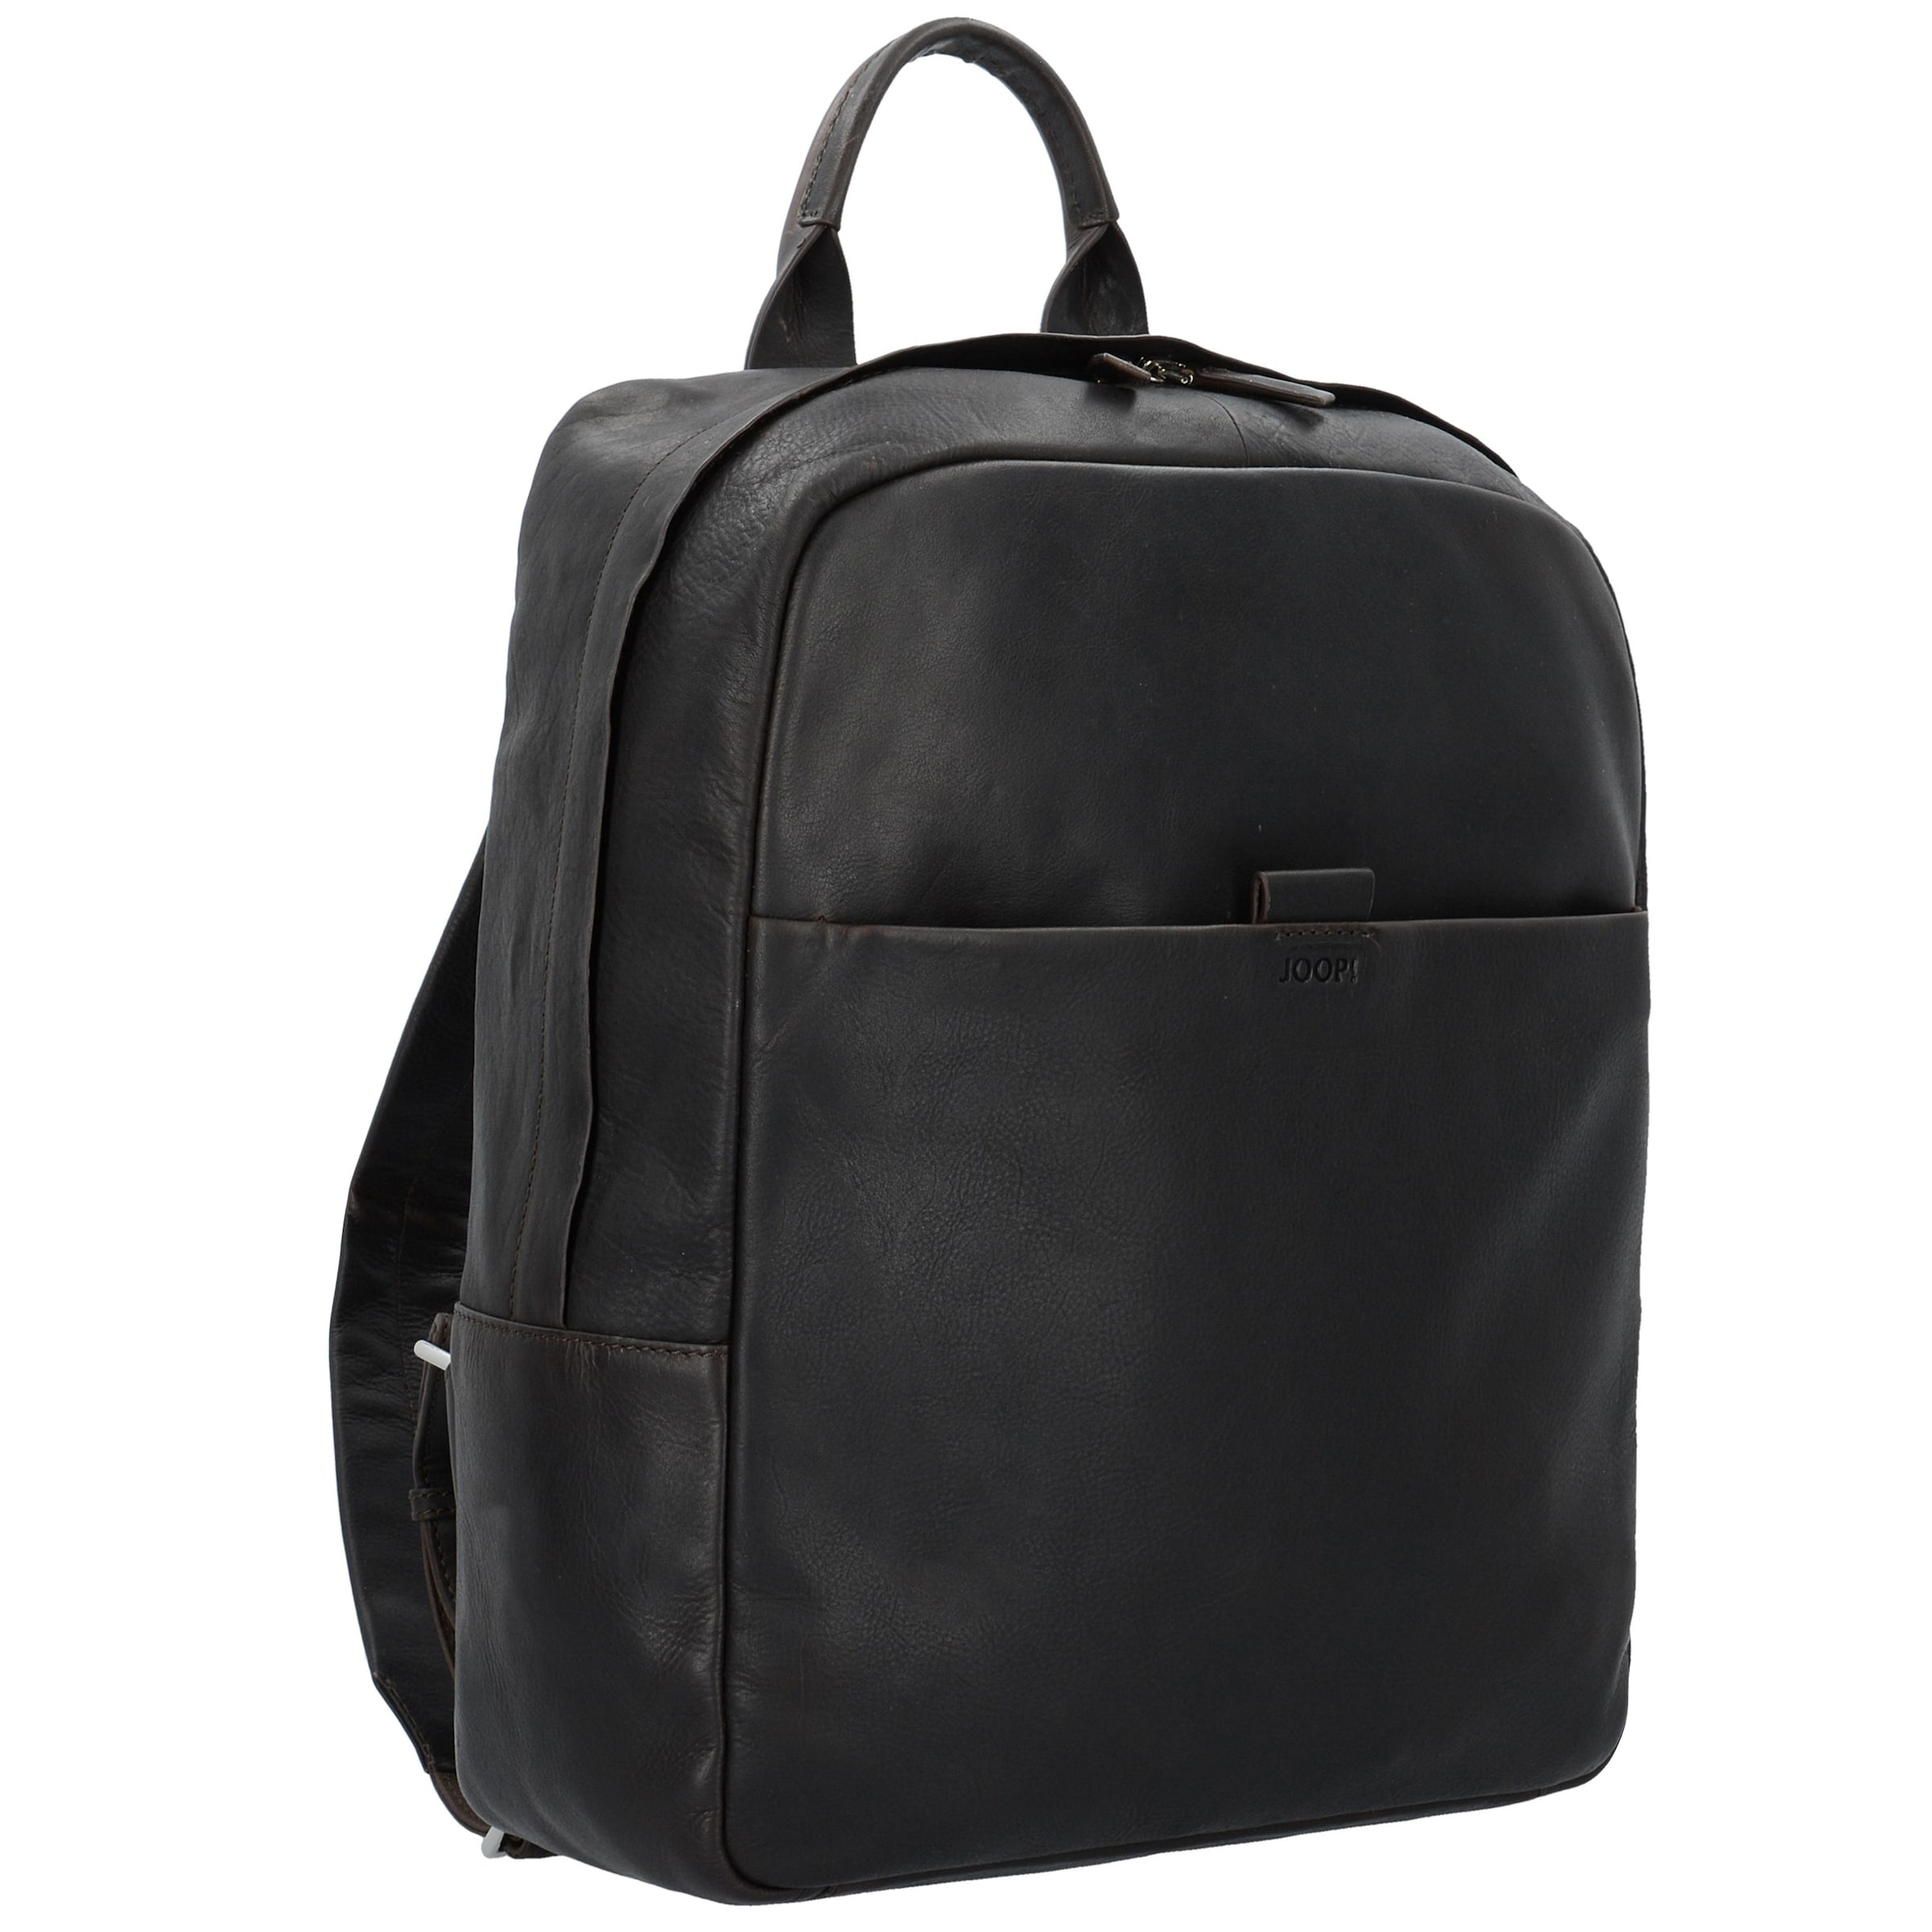 JOOP! 'Bonola' Business Rucksack Leder 40 cm Laptopfach 100% Authentisch Zu Verkaufen Günstigsten Online Mit Paypal Online B9fTKdA4